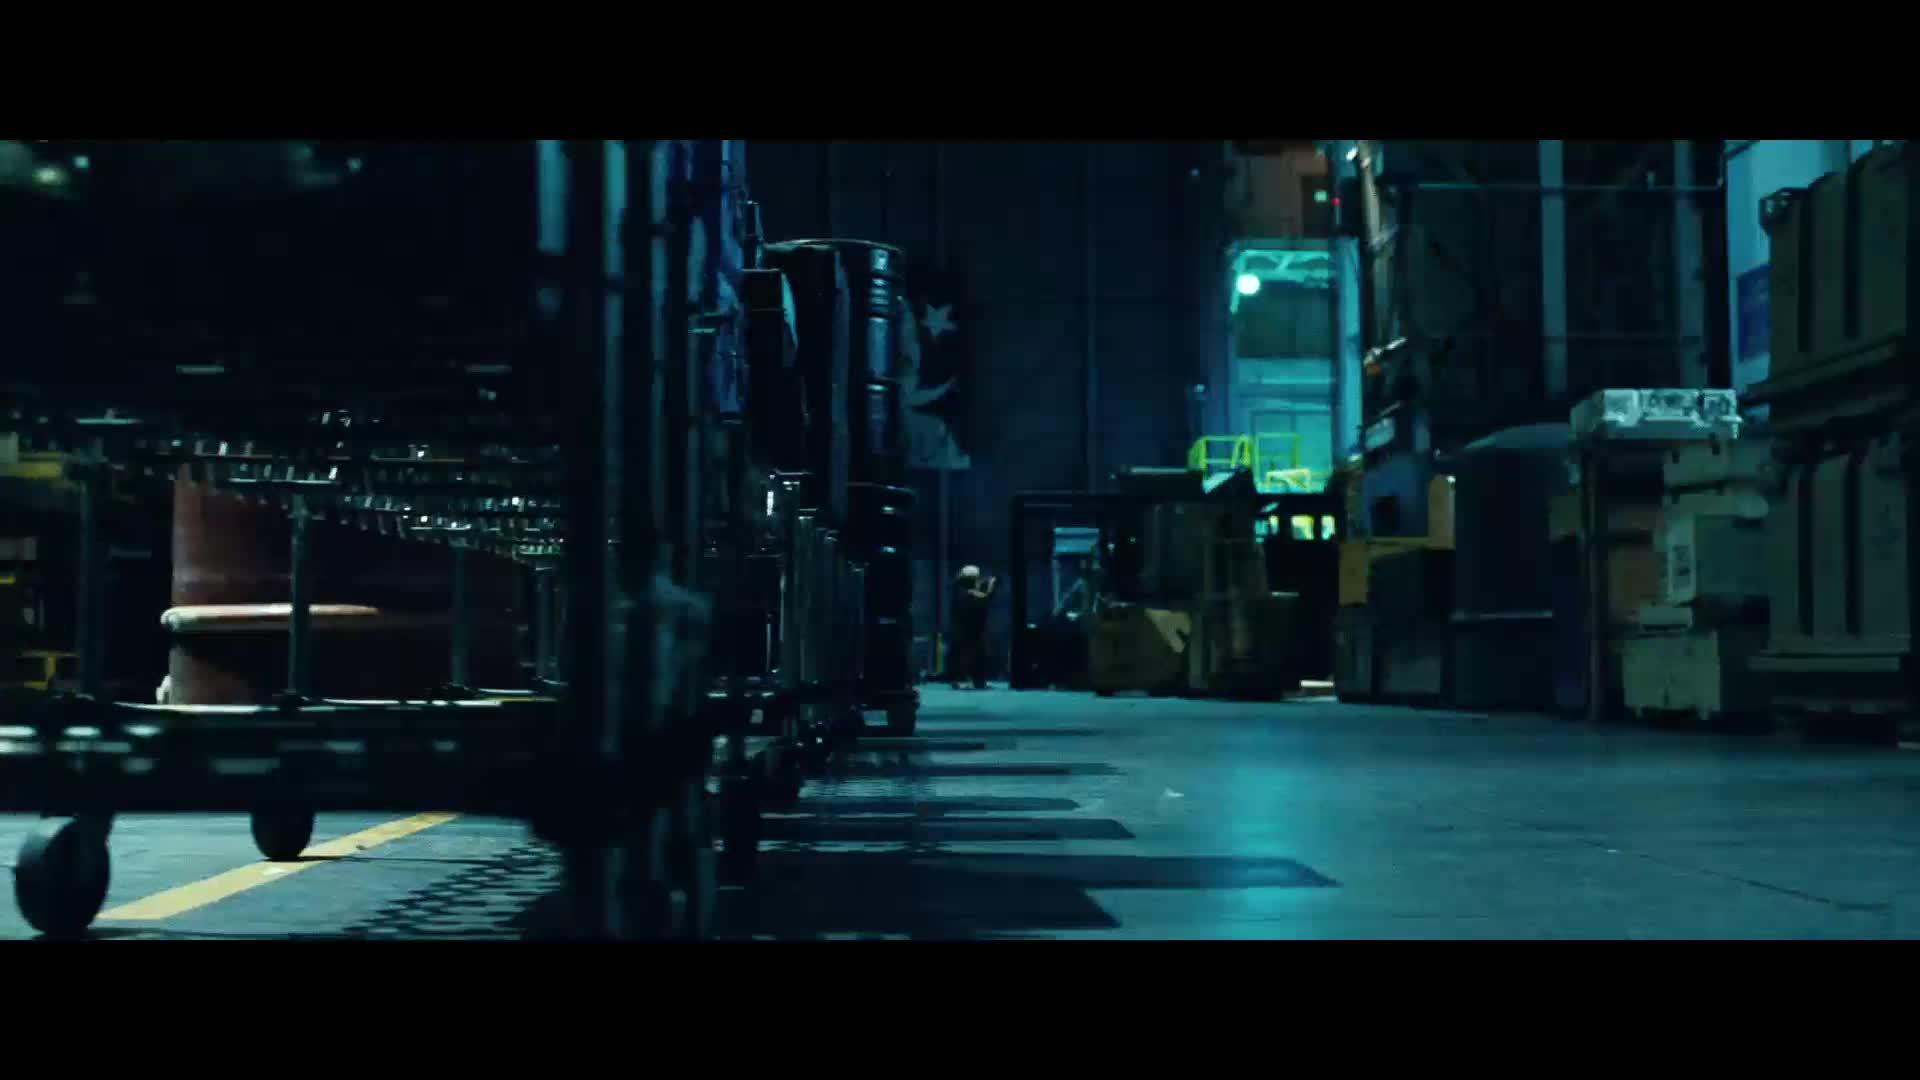 G.I. Joe 2 Retaliation จี.ไอ.โจ 2 สงครามระห่ำแค้นคอบร้าทมิฬ (2013) ภาค 2